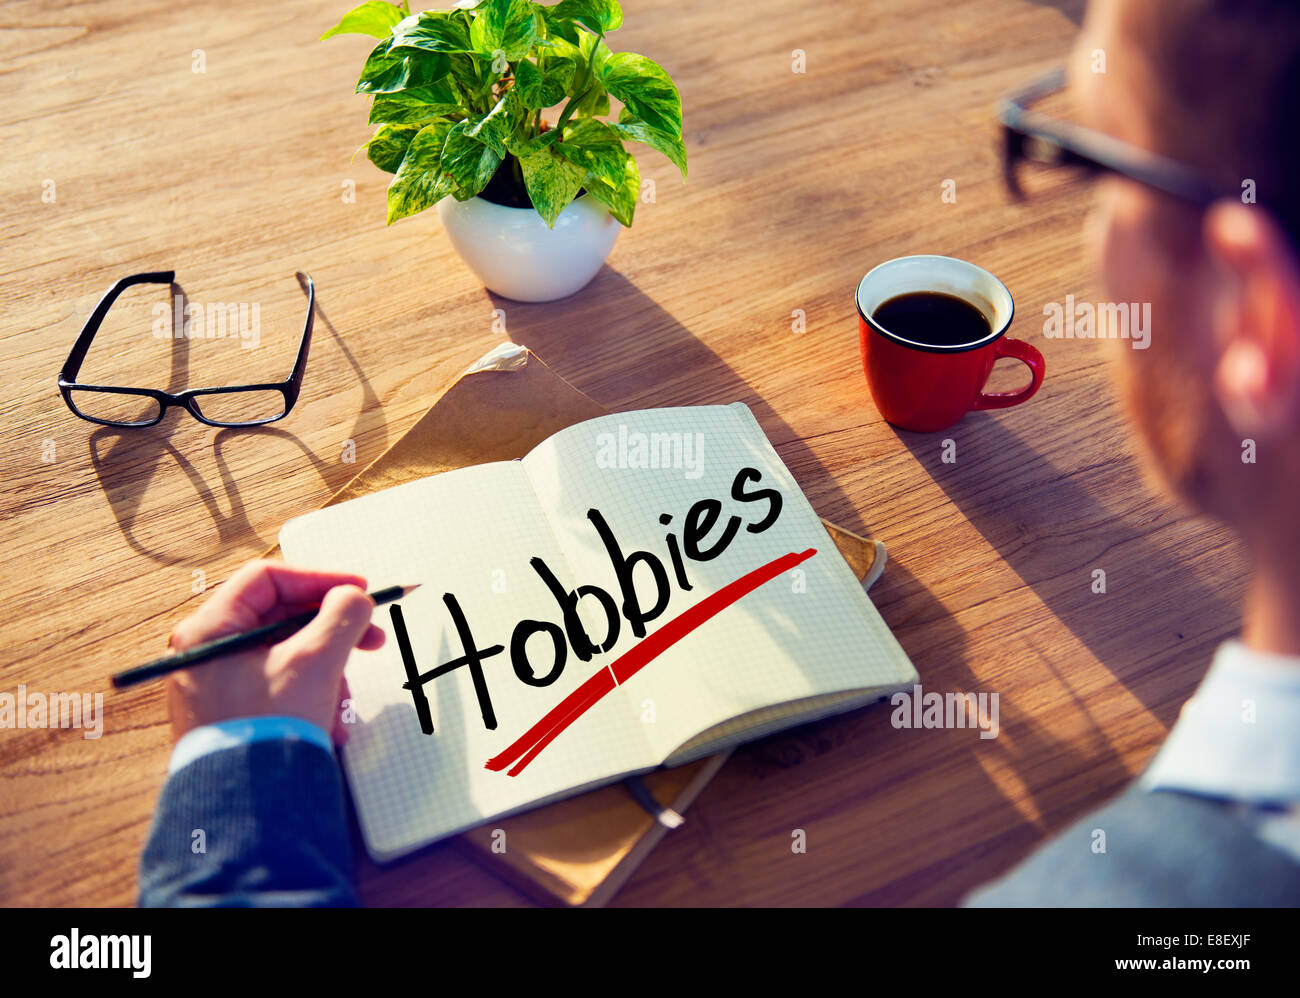 Un hombre brainstorming sobre aficiones concepto Imagen De Stock